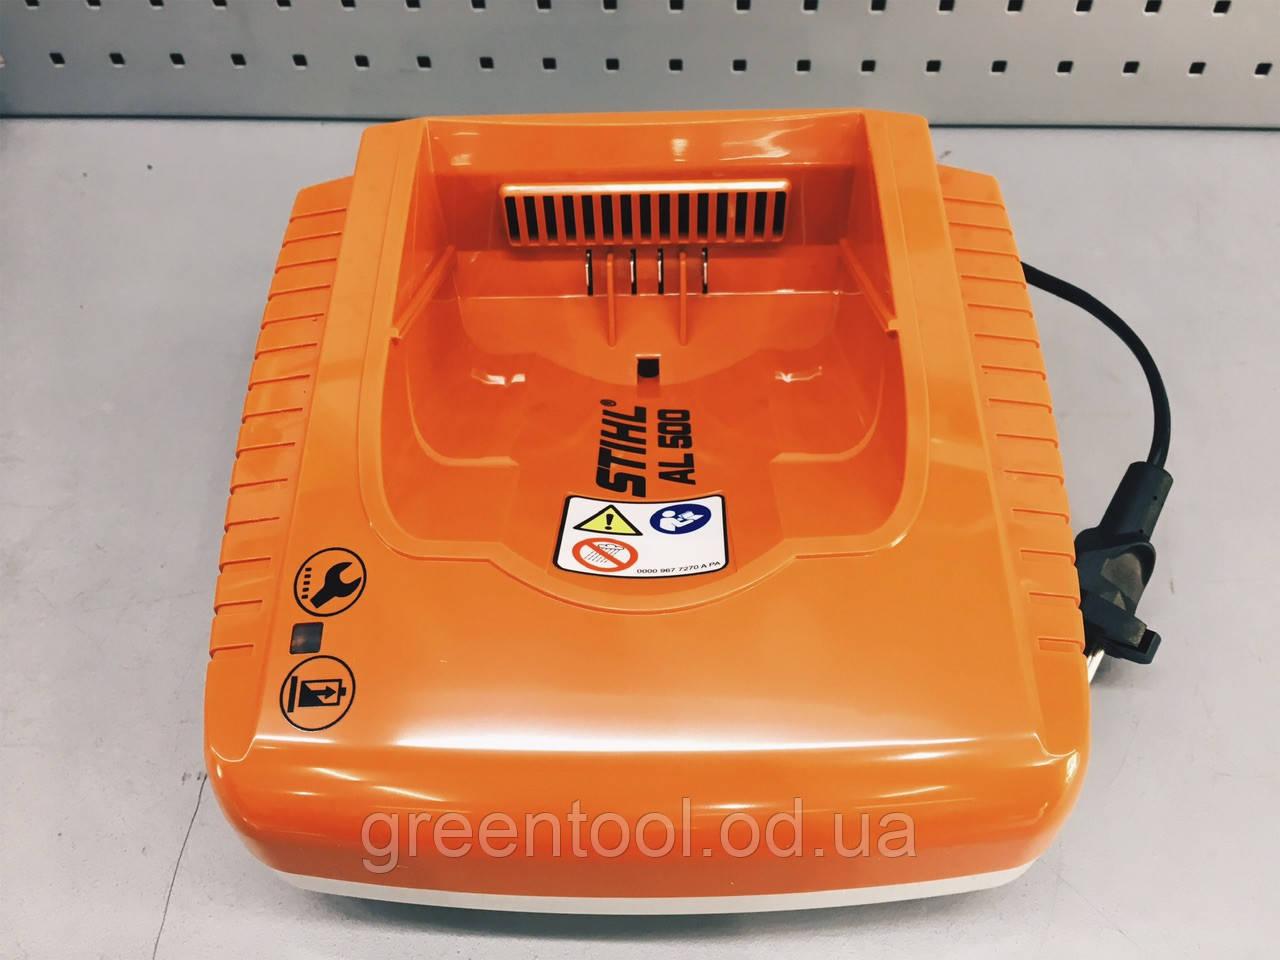 Зарядное устройство STIHL AL 500 + 24 месяца гарантии